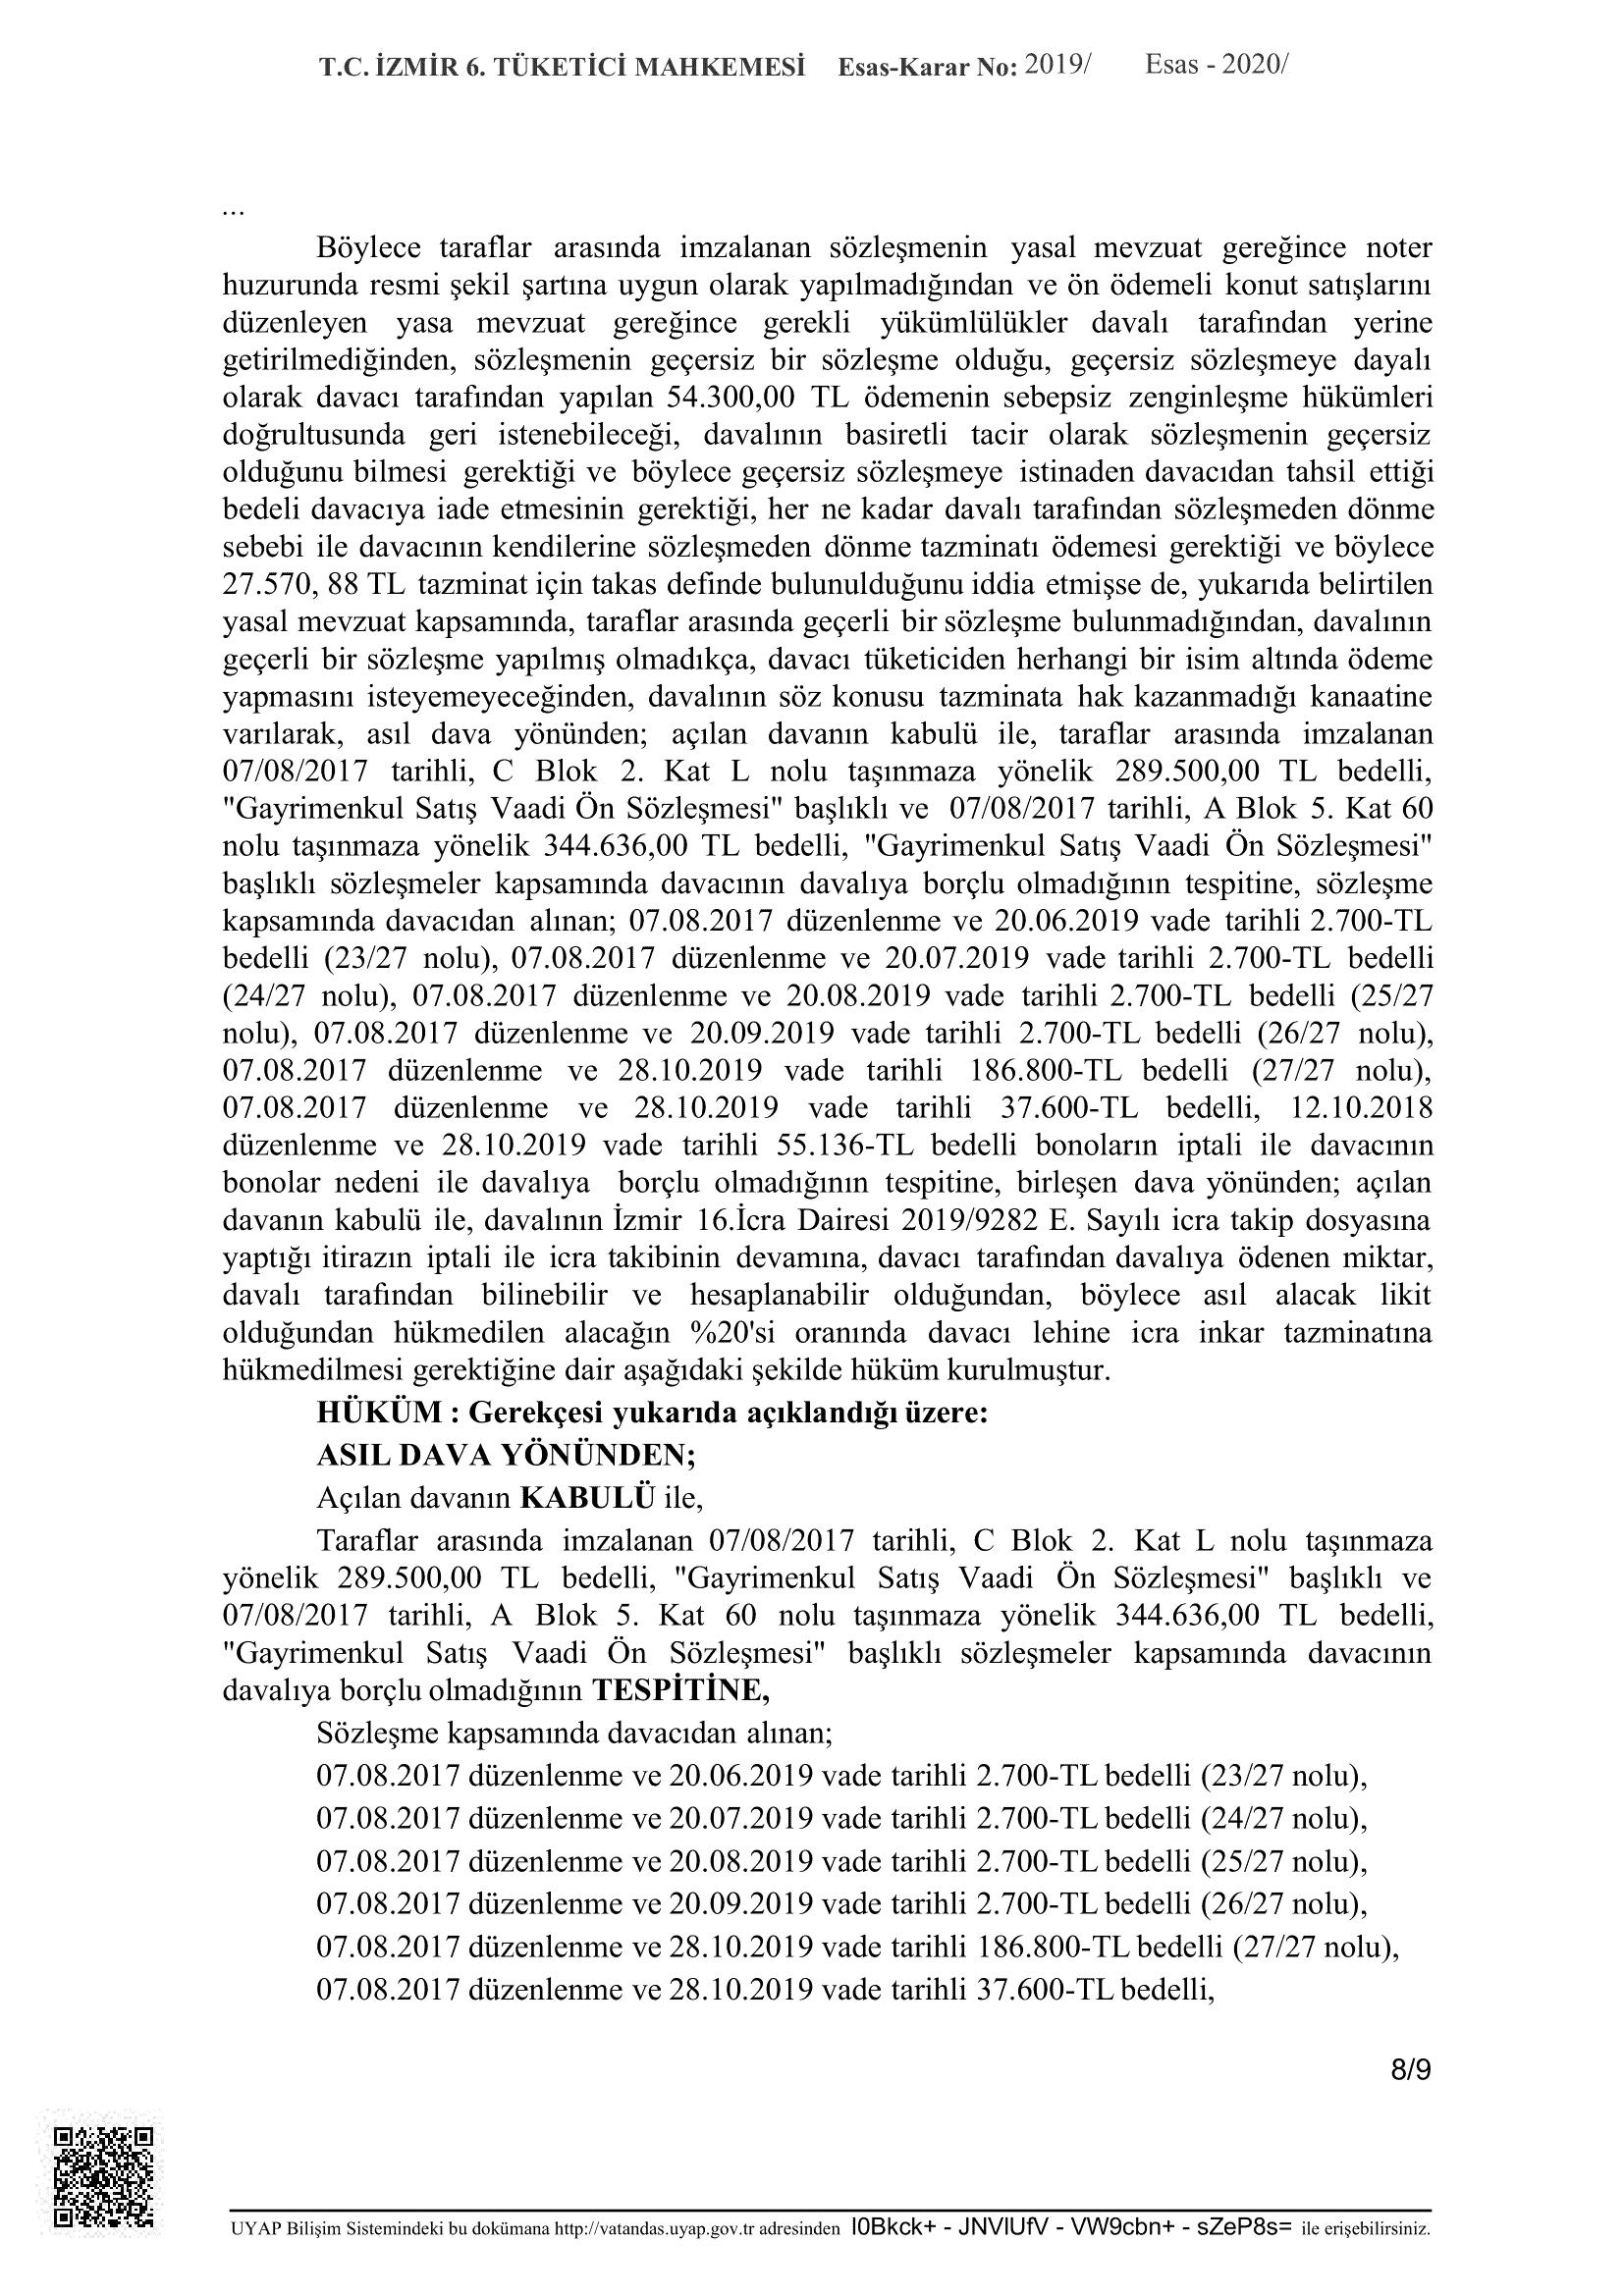 konut satış sözleşmesi